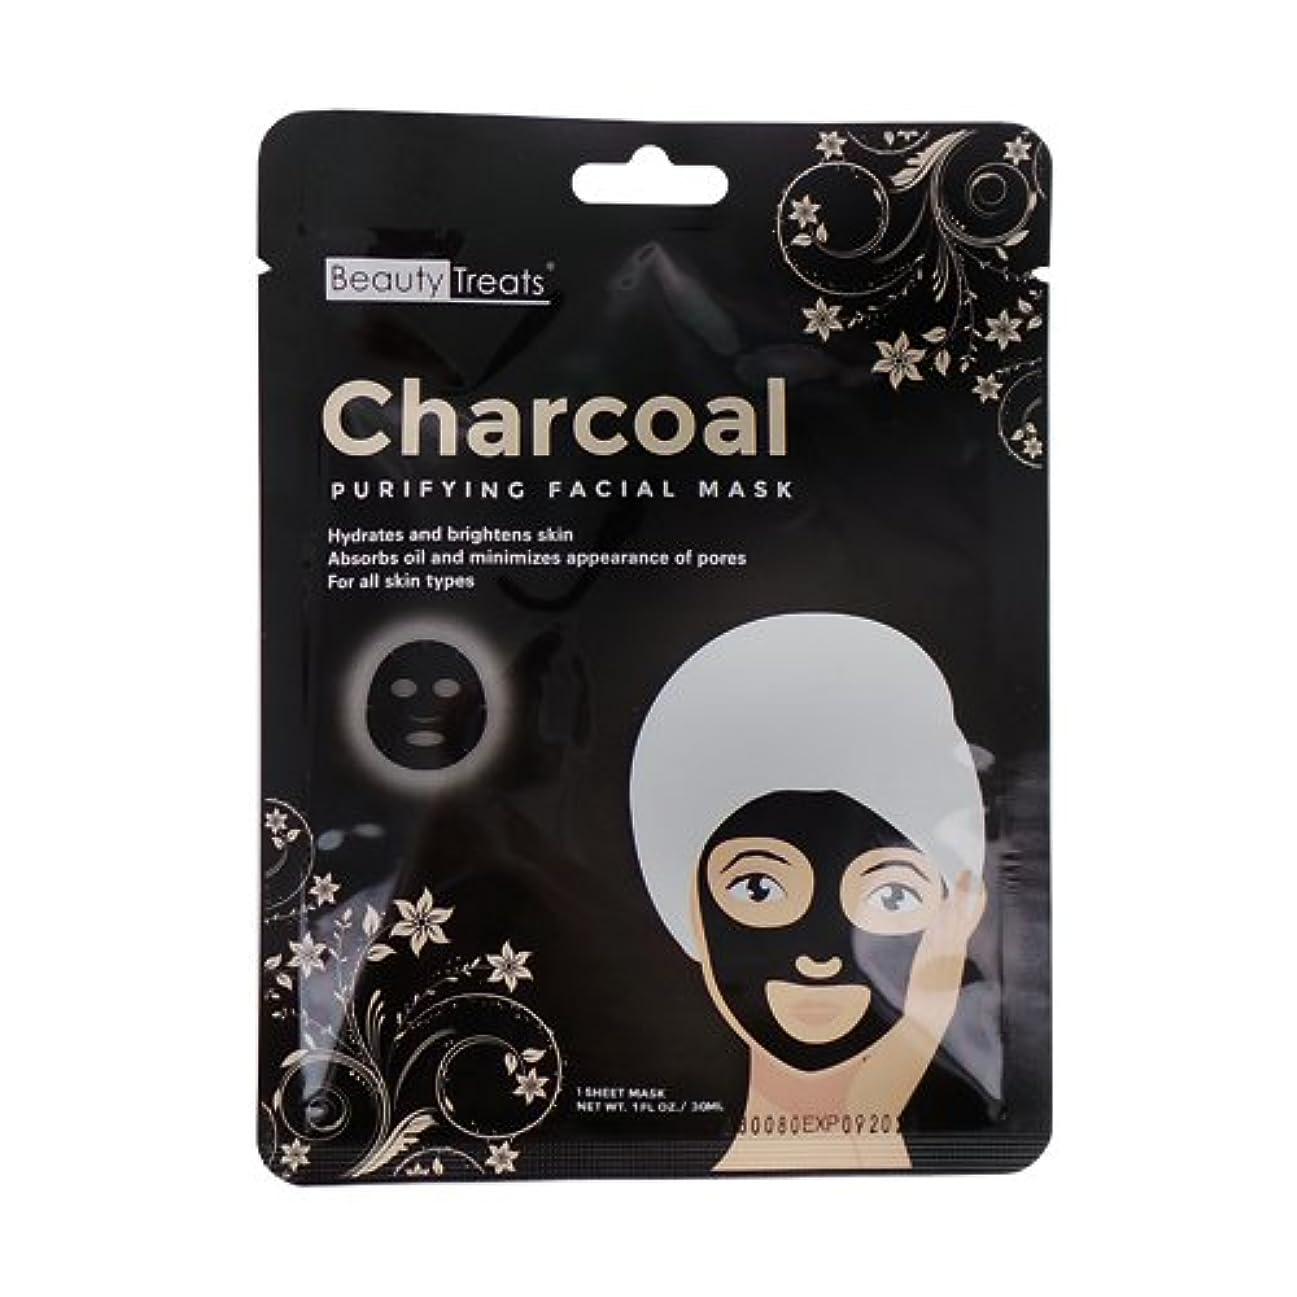 終点壊れたプラス(3 Pack) BEAUTY TREATS Charcoal Purifying Facial Mask (並行輸入品)